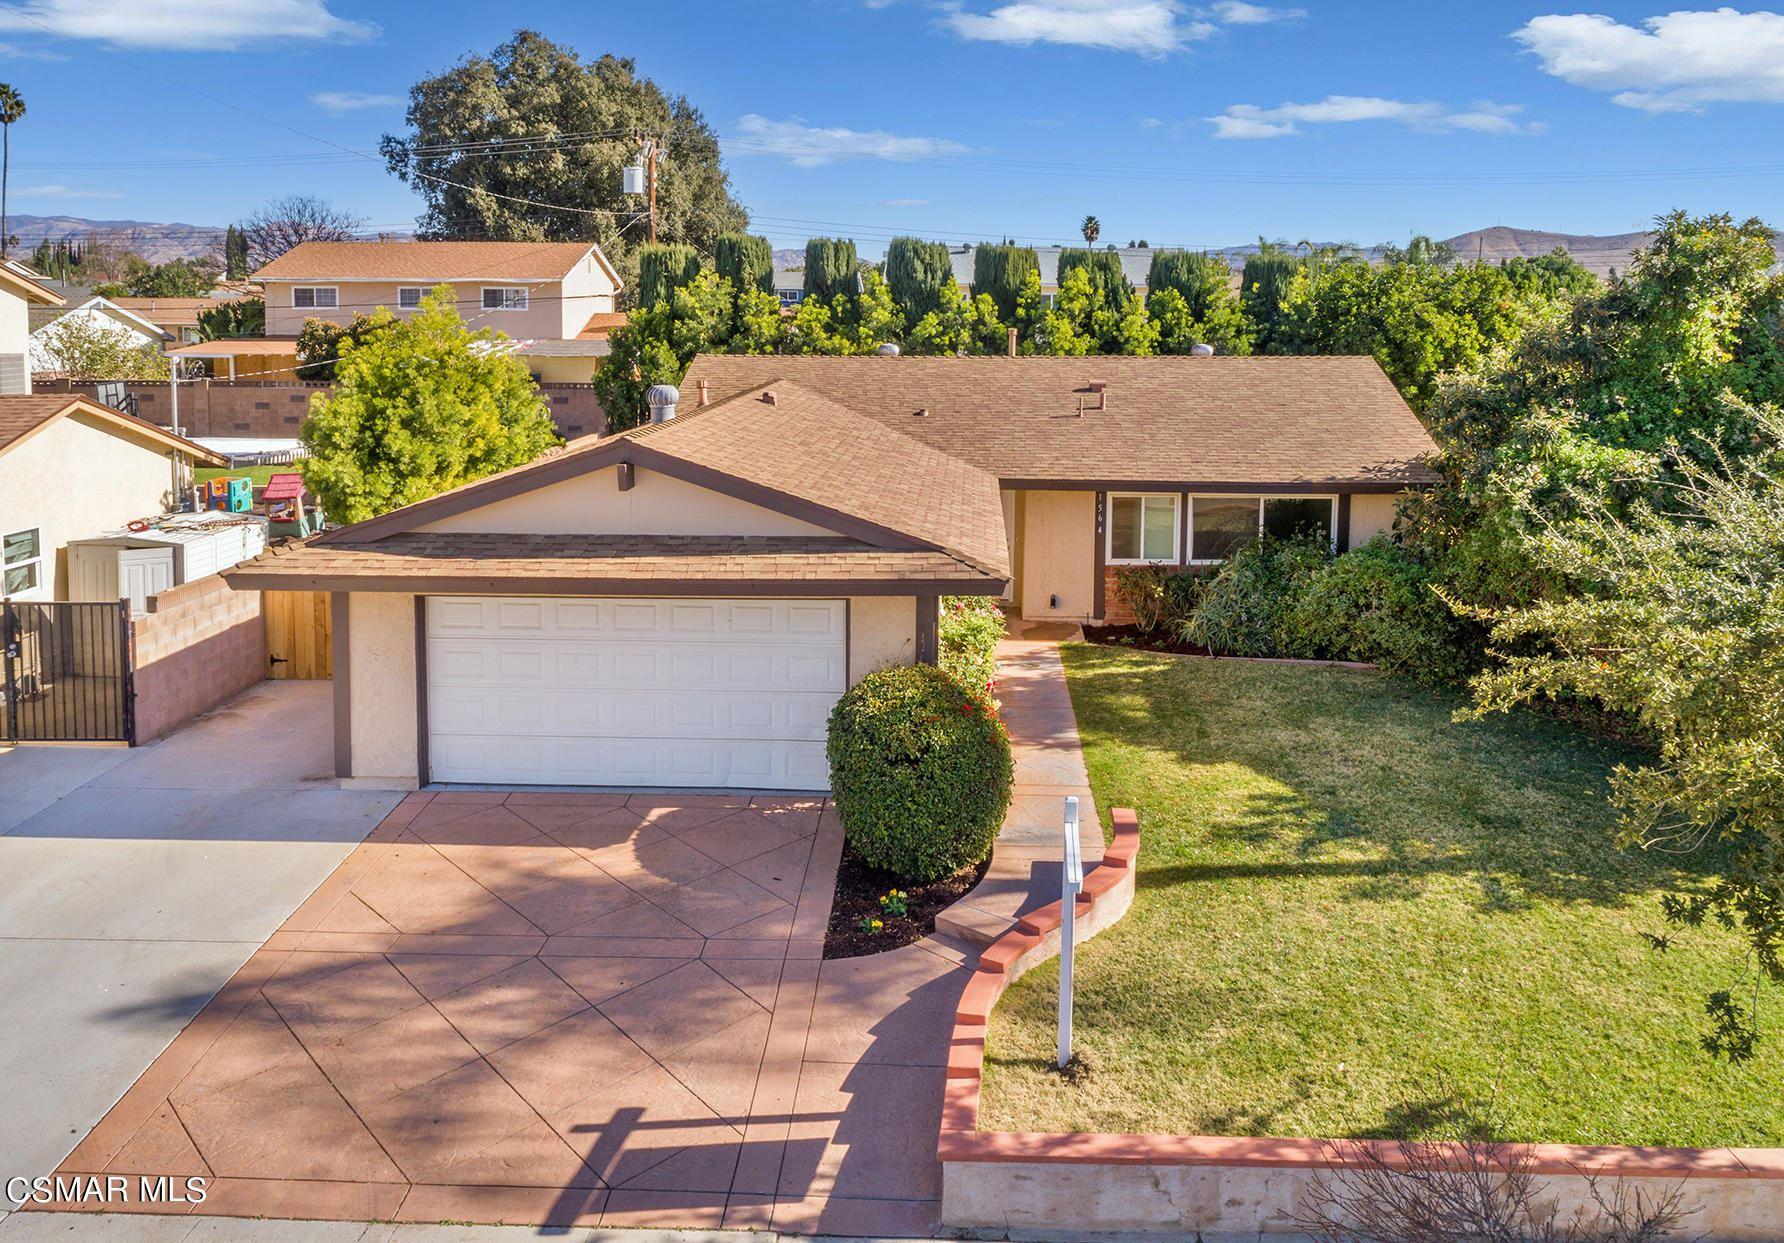 1564 Ysrella Avenue, Simi Valley, CA 93065 - MLS#: 221000110